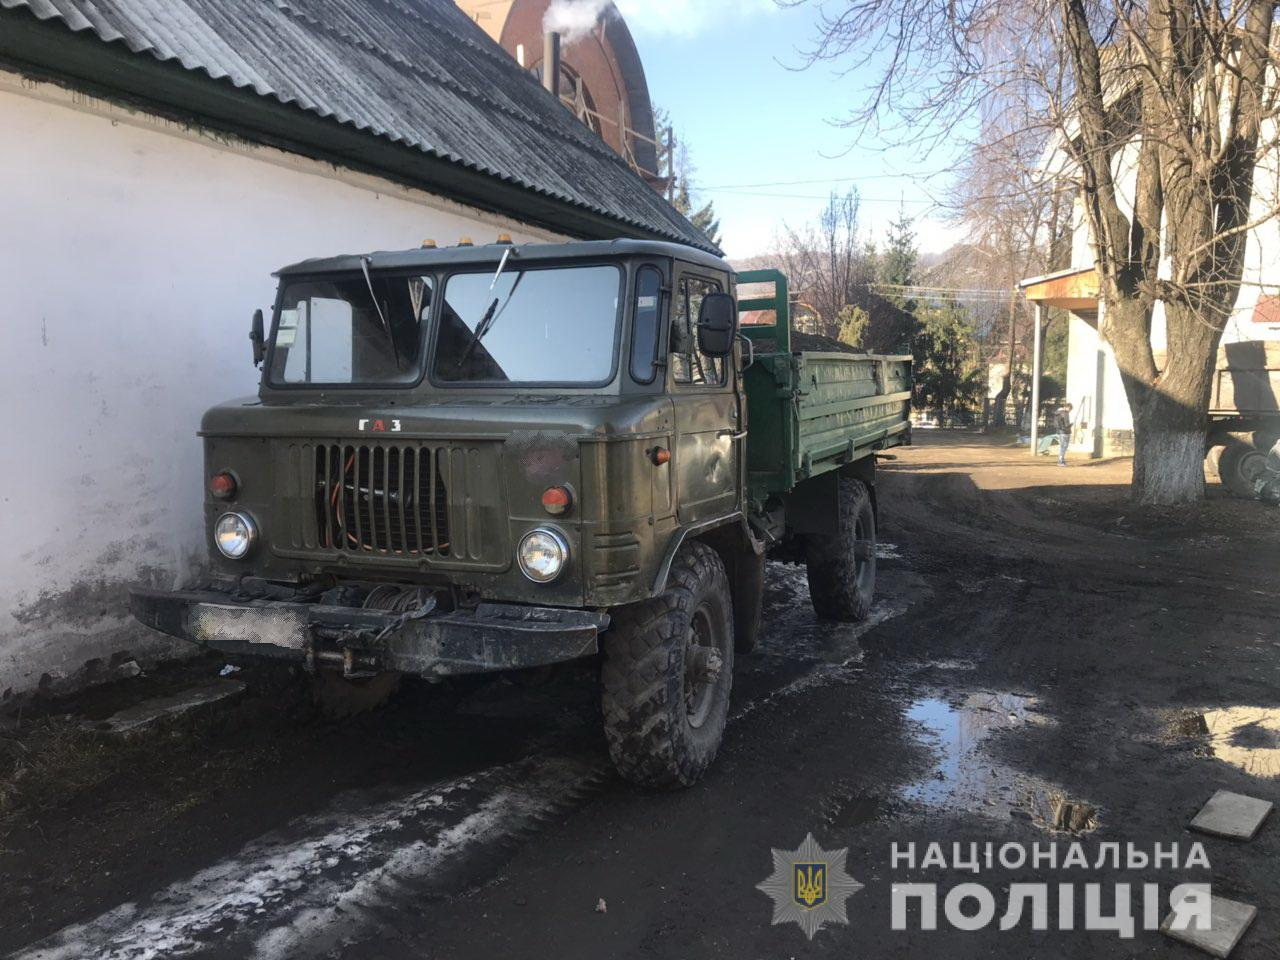 У Дубовому поліція зупинила автомобіль «ГАЗ», який перевозив вантаж без документів